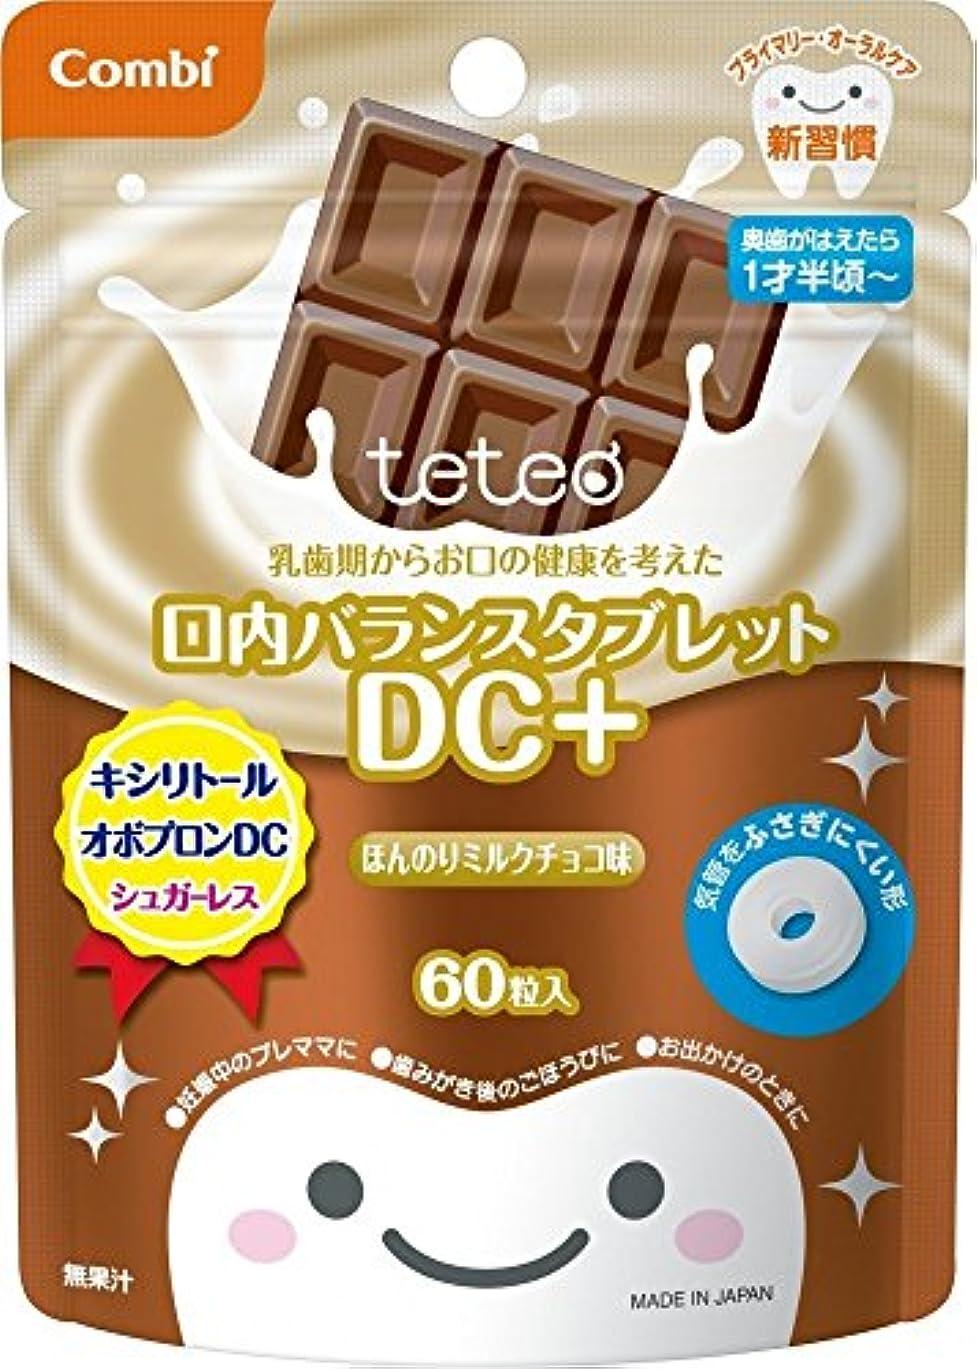 申し立てられた居眠りする払い戻しコンビ テテオ 乳歯期からお口の健康を考えた口内バランスタブレット DC+ ほんのりミルクチョコ味 60粒